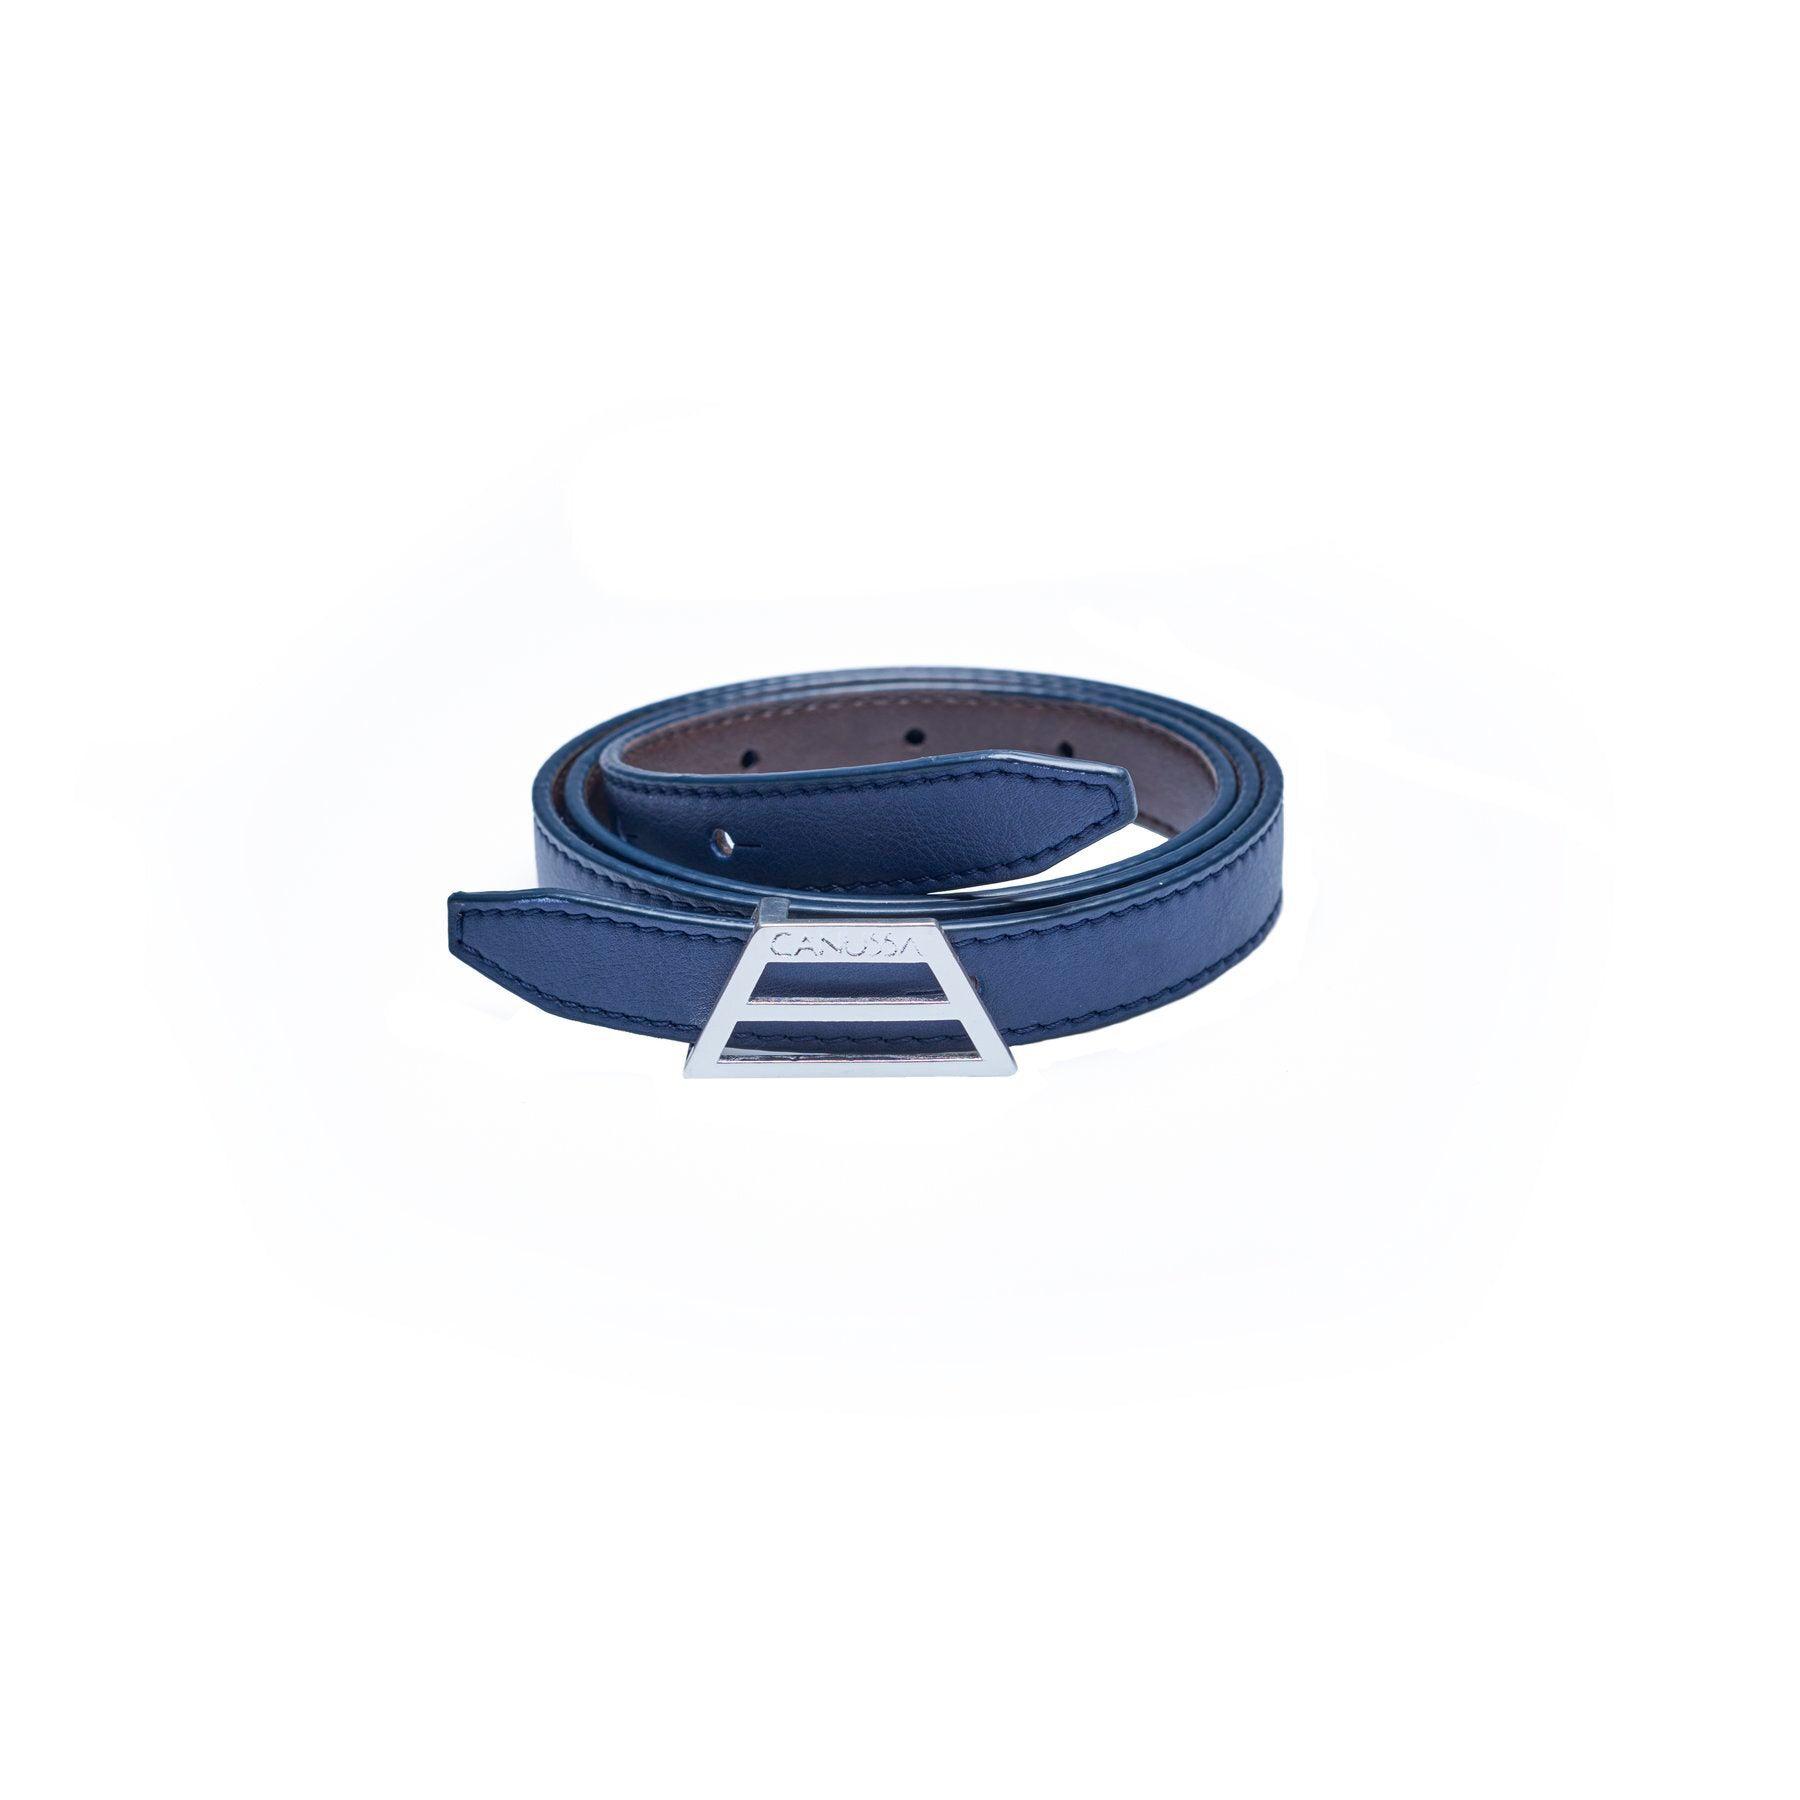 ADAPT Vegan Belt – Reversible Blue/Brown